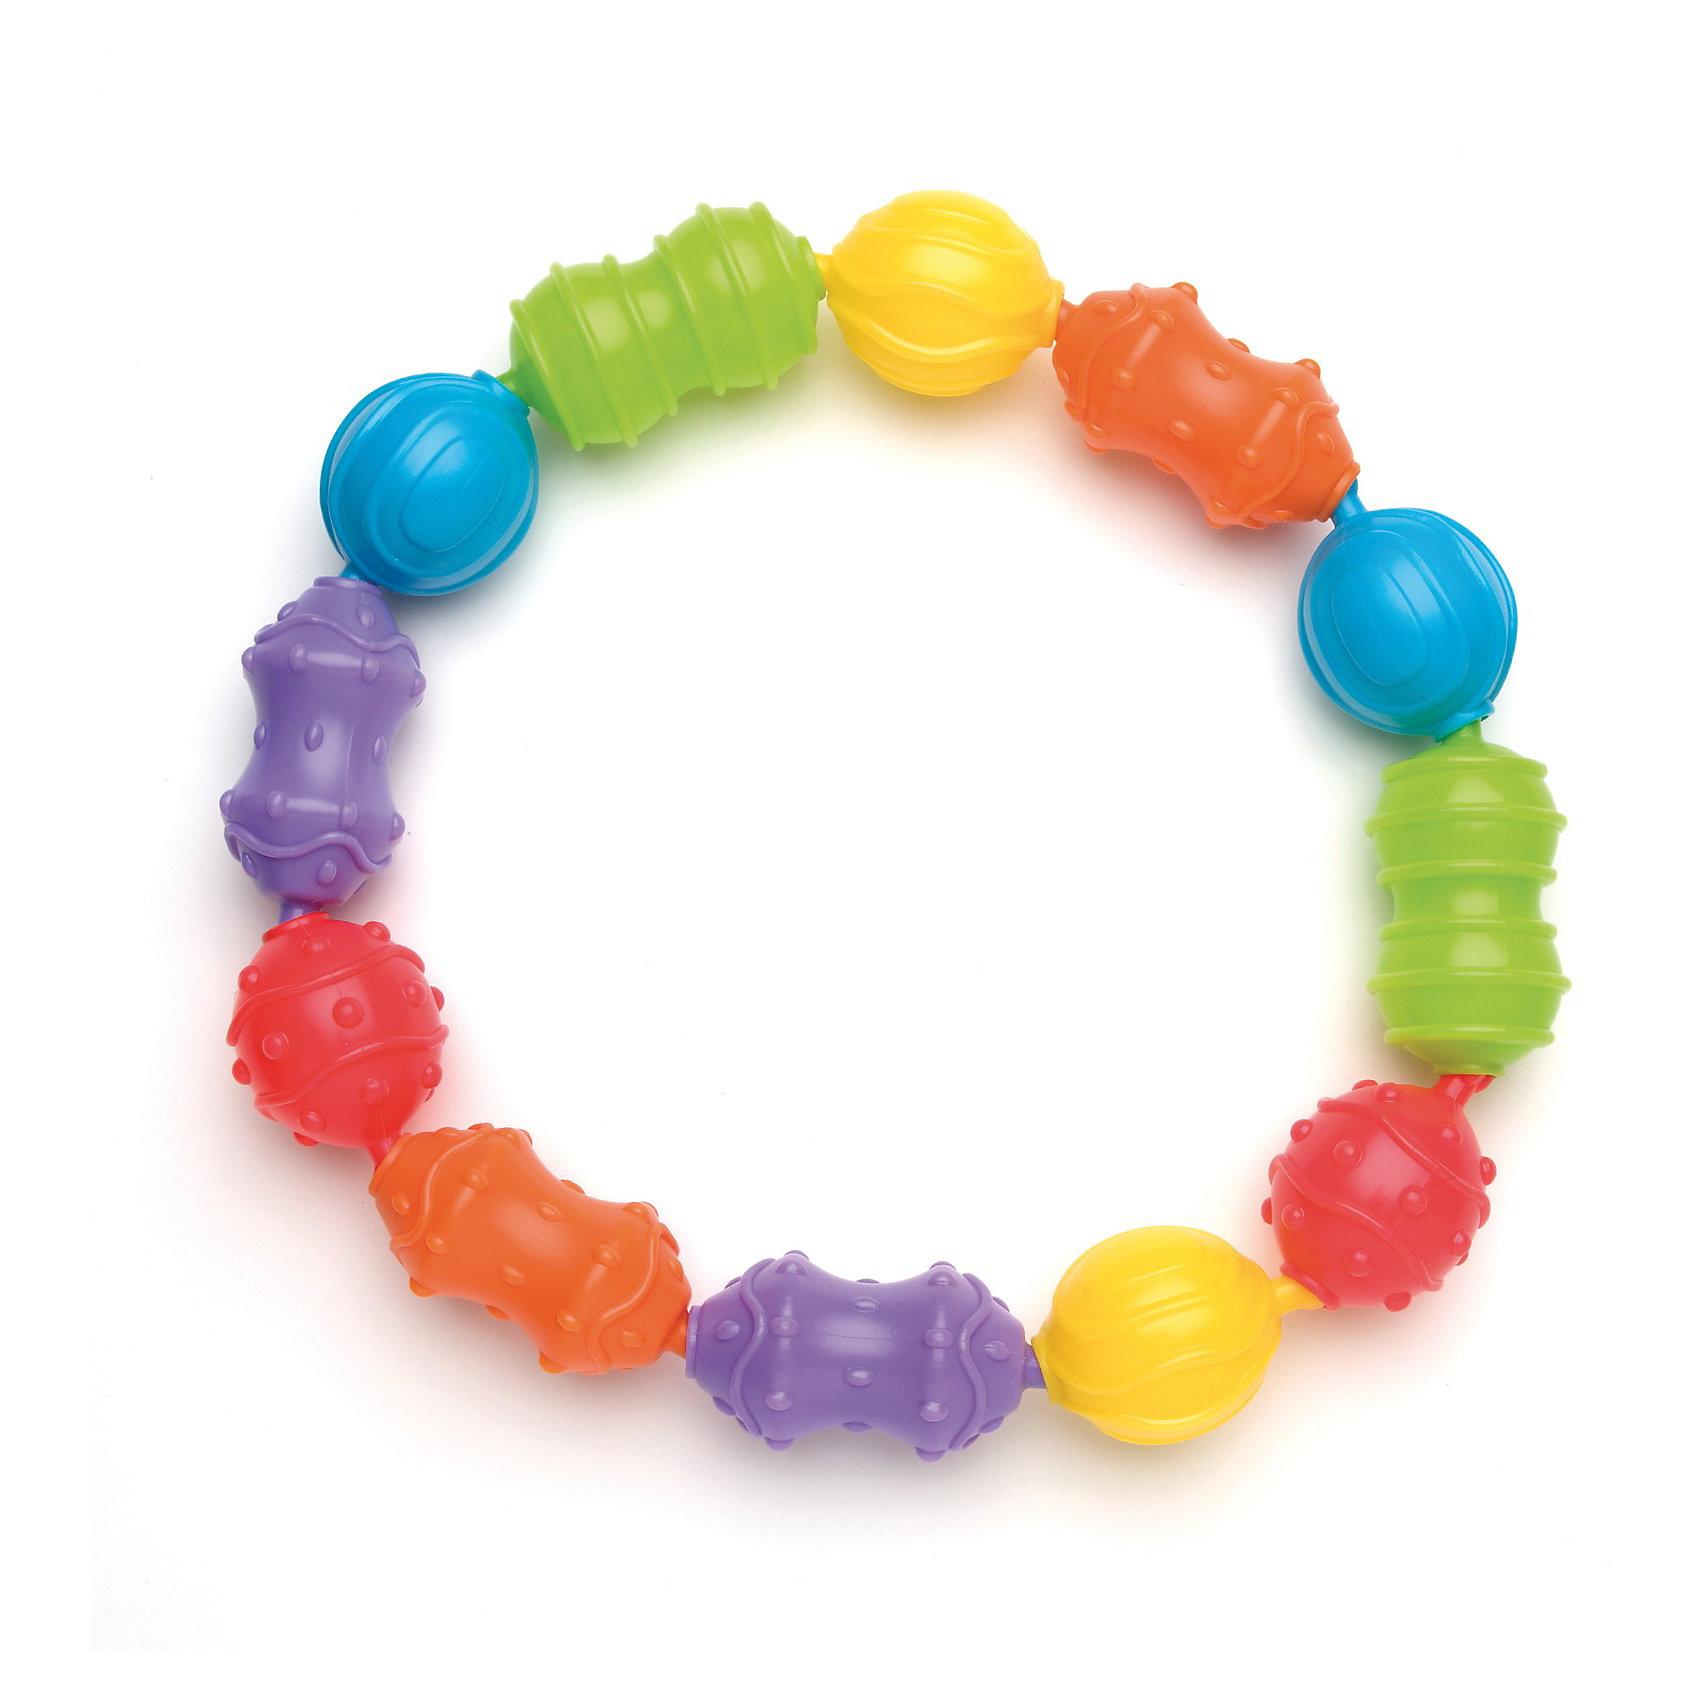 Игрушка-цепочка, PlaygroКрасочная игрушка-цепочка, Playgro (Плейгро) с множеством вариантов комбинаций несомненно, привлечет внимание малыша.<br>Игровой набор состоит из 12 разнообразных по форме и цвету фигур, с различными выпуклыми рисунками. Малыш легко может крепить их между собой в произвольном порядке, комбинируя цвета и формы. В процессе игры успешно развивается моторика пальчиков, сенсорное и цветовое восприятие, ребенок знакомится с формами. Дети более старшего возраста могут использовать игрушку для получения навыков счета. Игрушку можно присоединять к коляске или автокреслу. Изготовлена игрушка из экологически чистого и безопасного материала.<br><br>Дополнительная информация:<br><br>- Материалы: безопасный пластик<br>- Размер звеньев: 4х8 см, 4х5 см.<br><br>Игрушку-цепочку, Playgro (Плейгро)  можно купить в нашем интернет-магазине.<br><br>Ширина мм: 63<br>Глубина мм: 225<br>Высота мм: 250<br>Вес г: 311<br>Возраст от месяцев: 0<br>Возраст до месяцев: 12<br>Пол: Унисекс<br>Возраст: Детский<br>SKU: 3599515